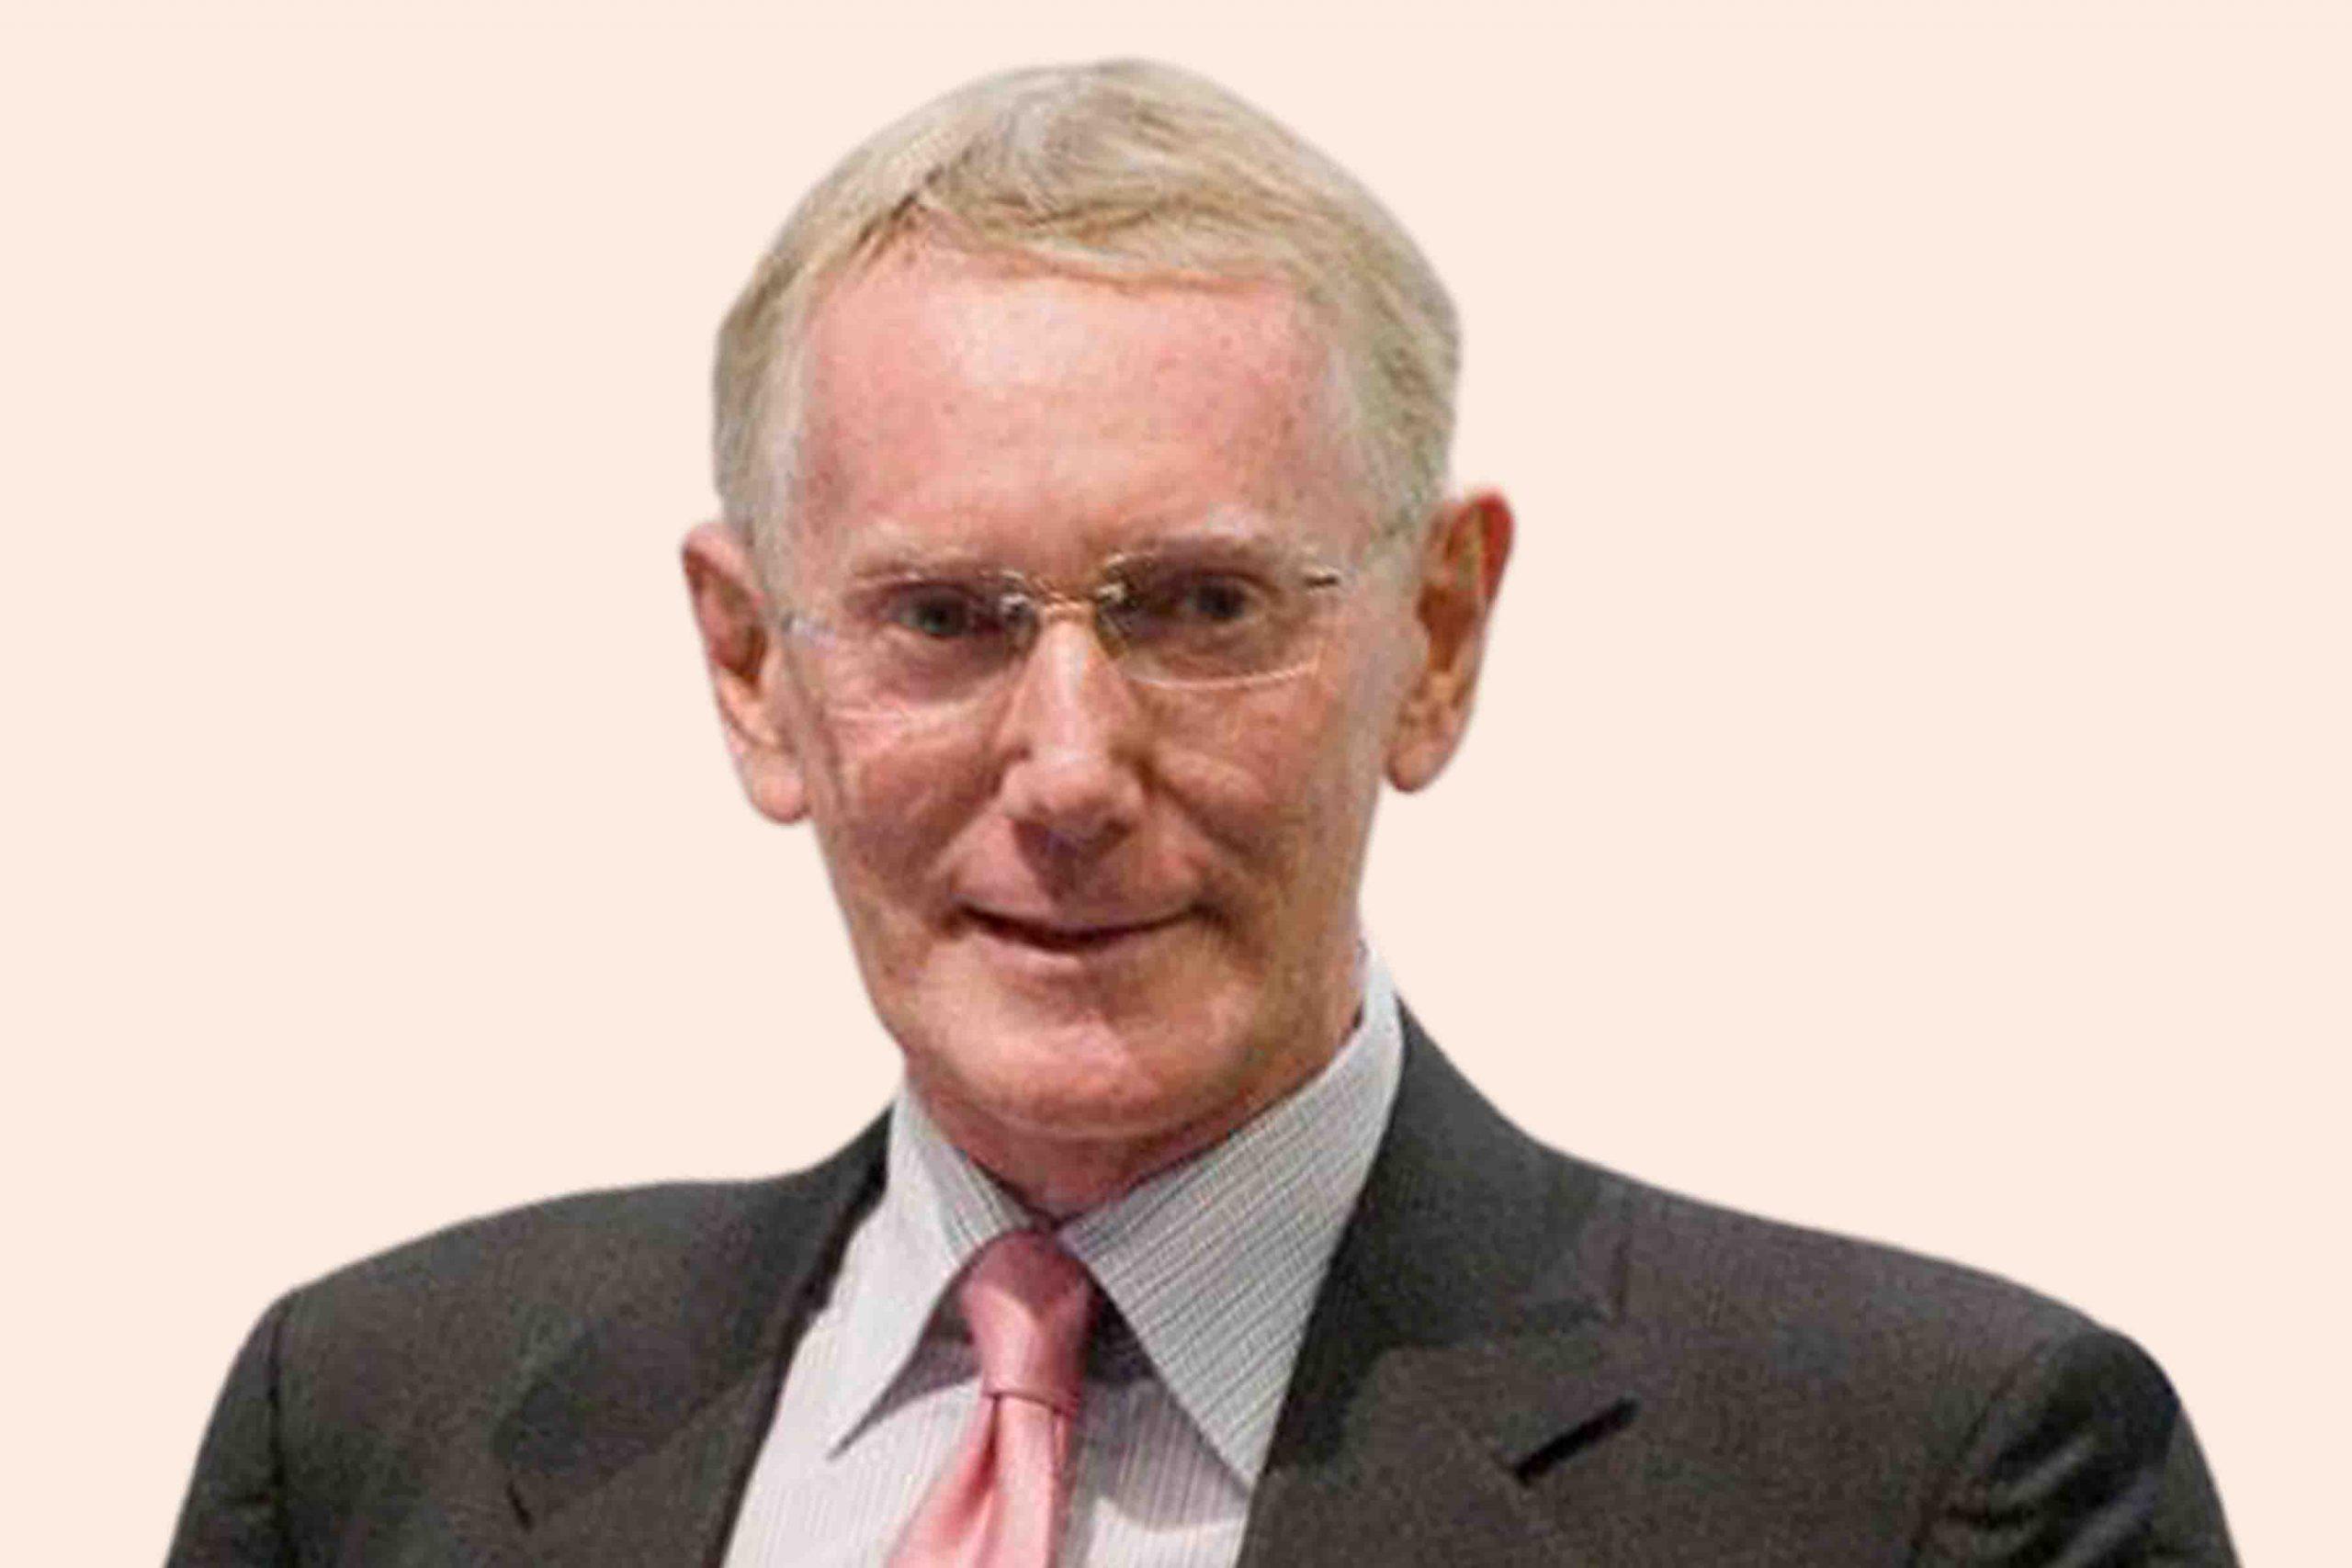 Dr. William R. White